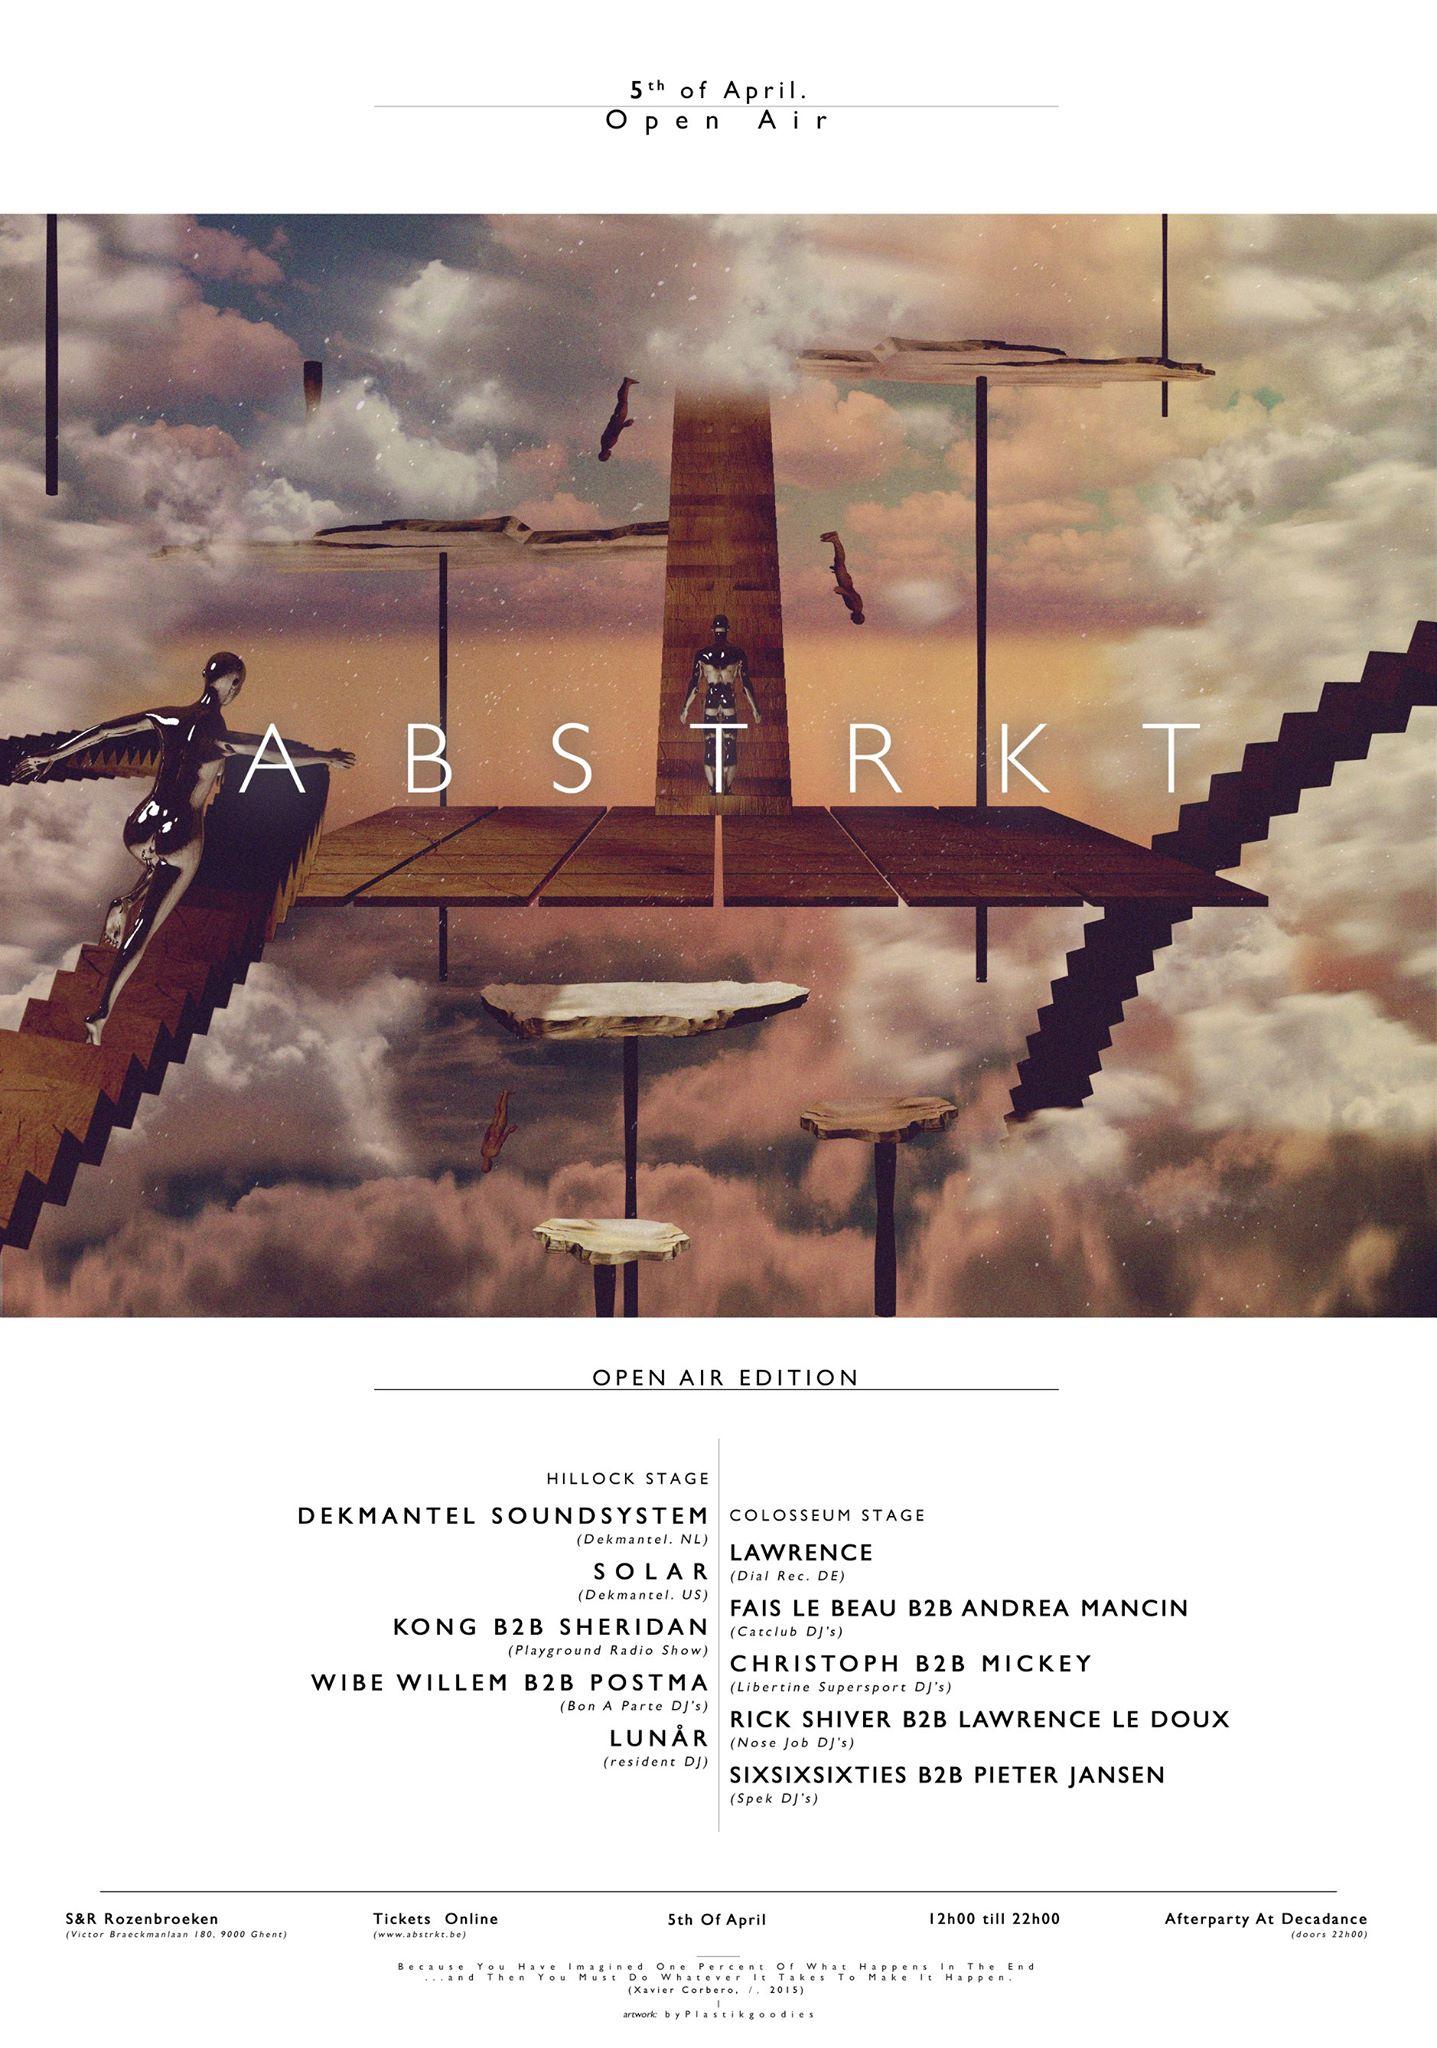 ABSTRKT & Libertine Supersport Open Air Avril 2015